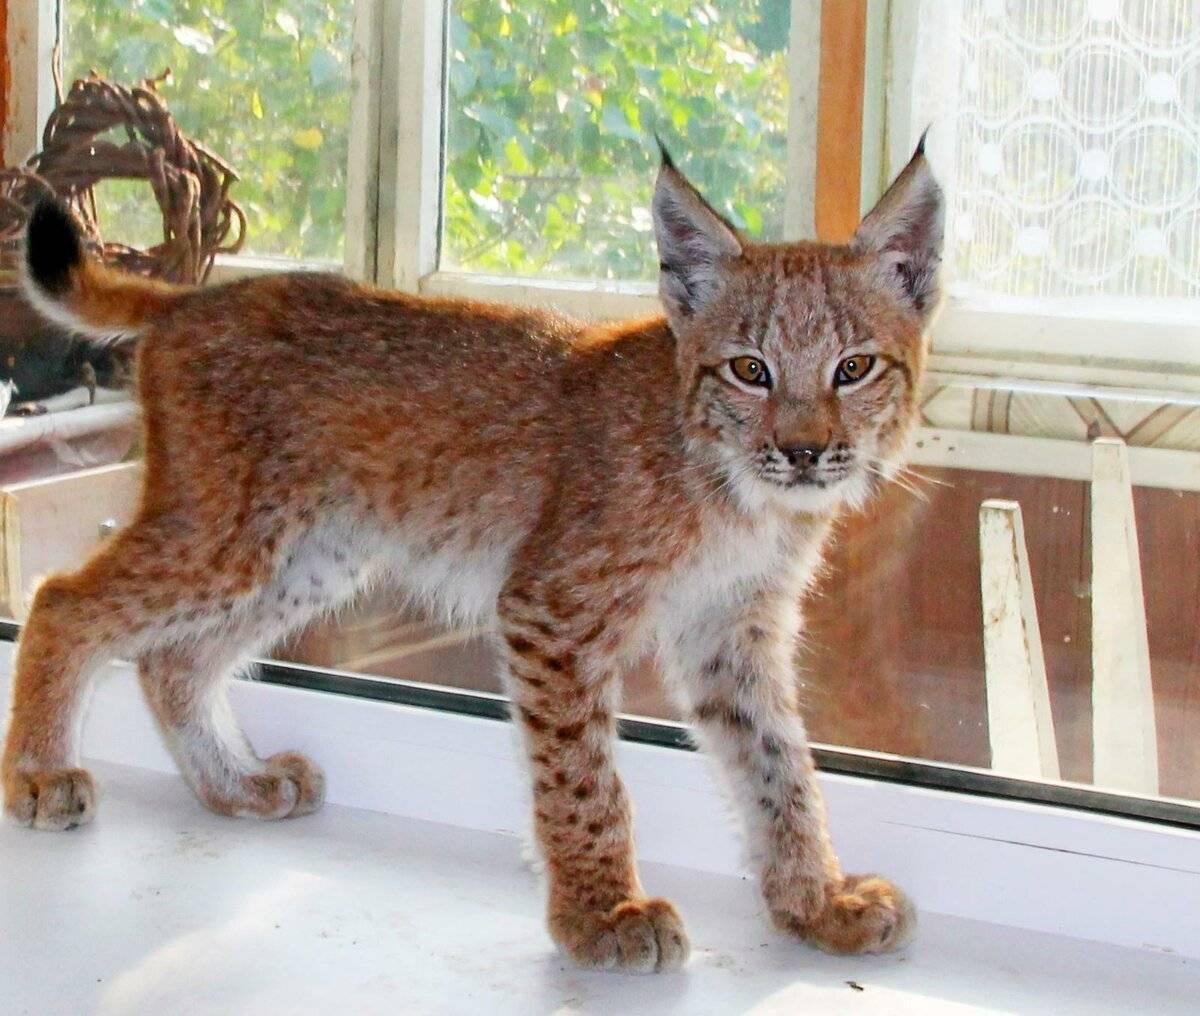 Топ-10 самых редких пород кошек в мире с фотографиями и названиями